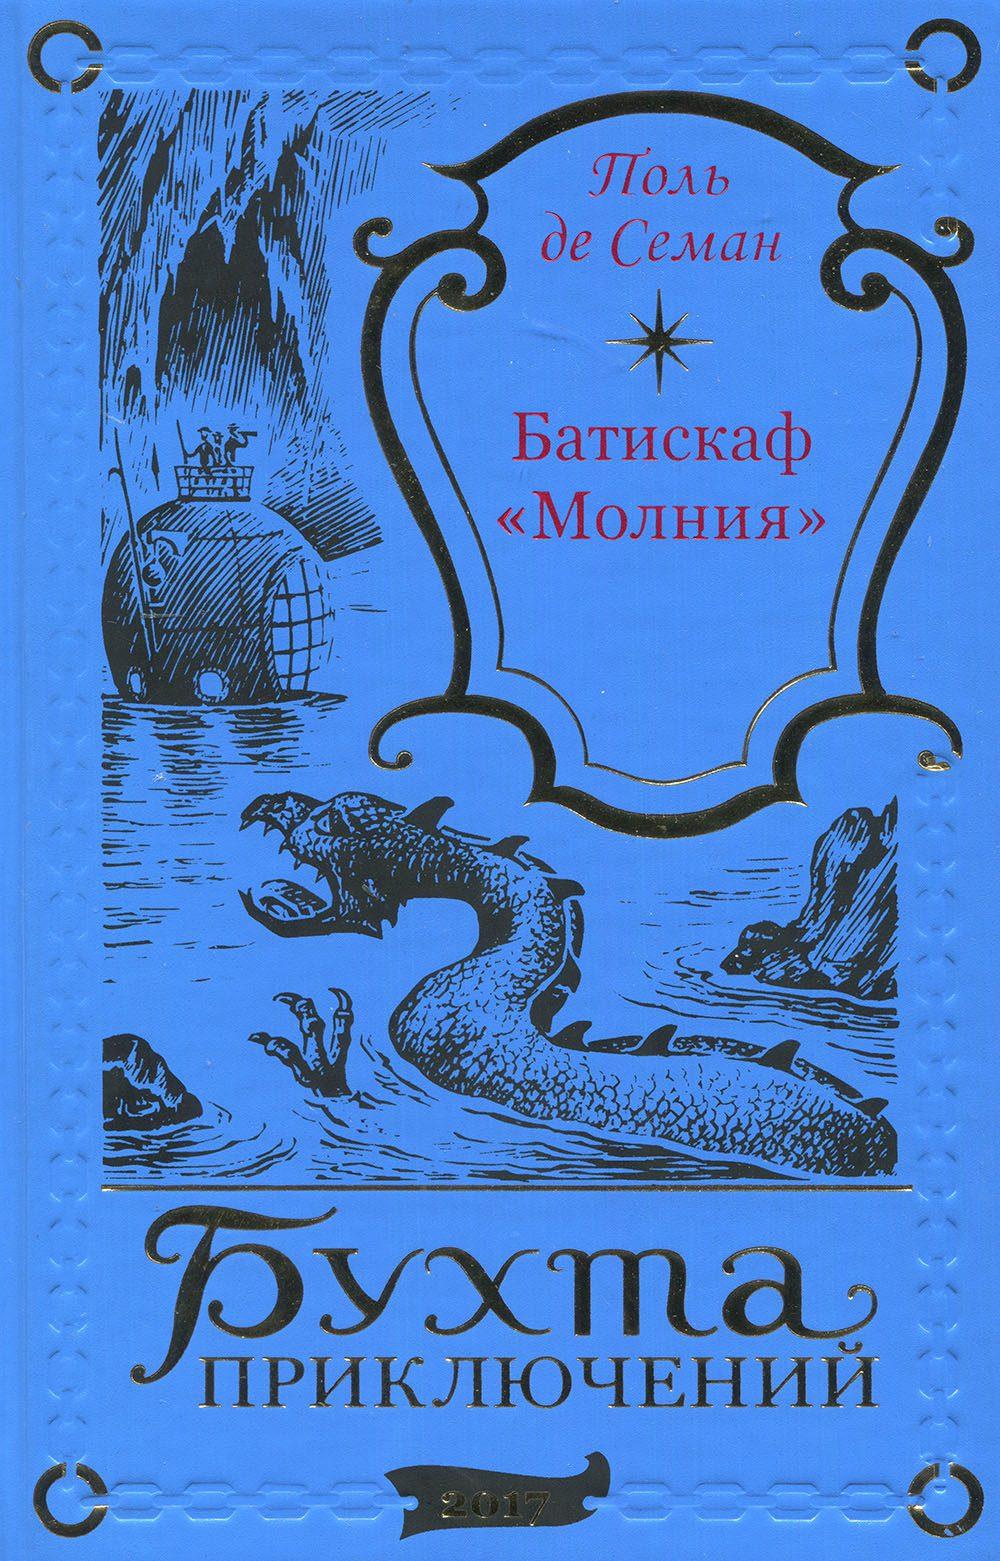 """Поль де Семан """"БАТИСКАФ """"МОЛНИЯ""""-0"""